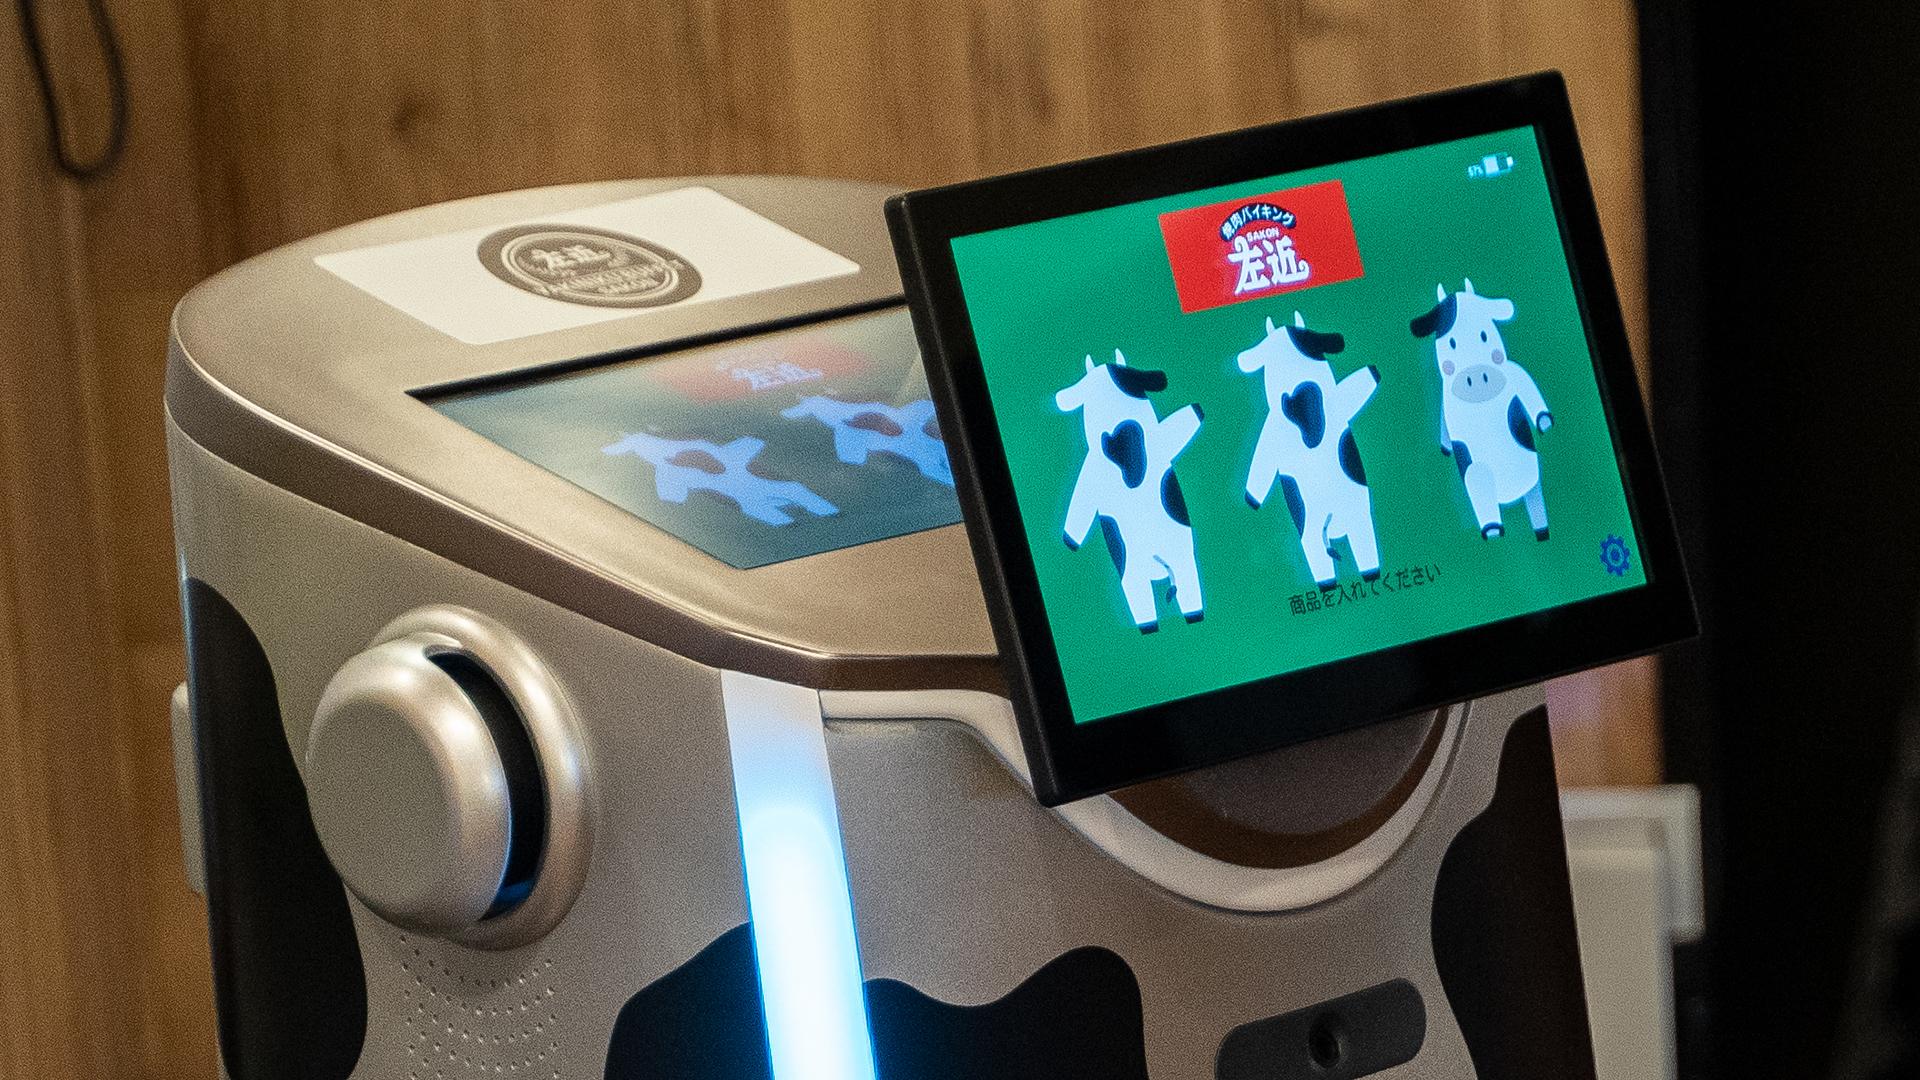 AndroidのOSで、企業コンテンツの表示、人とコンピューターの相互作用インターフェース